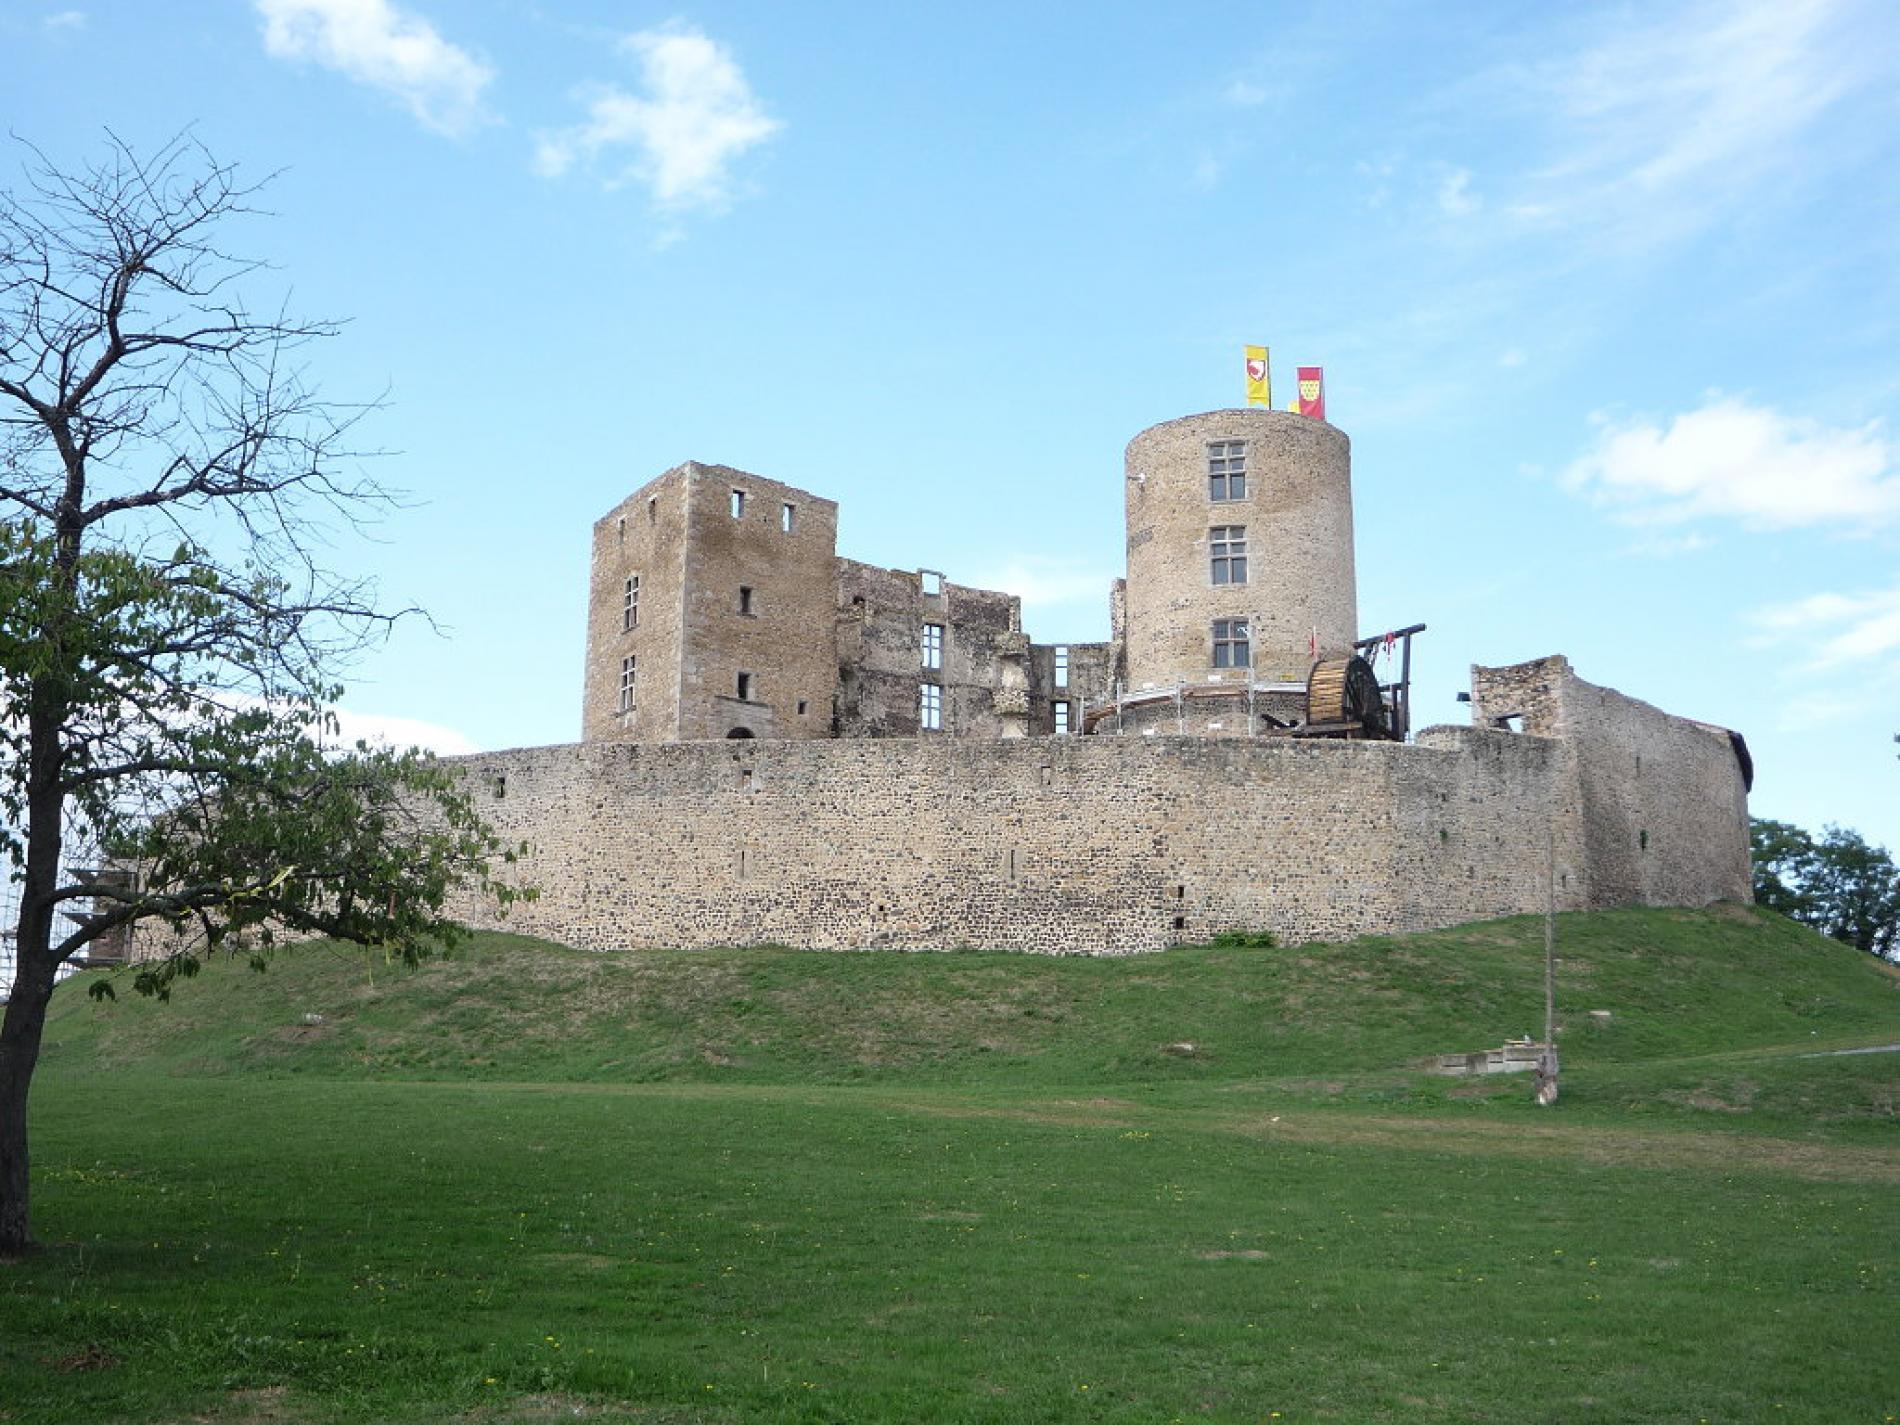 Montrond-les-Bains castle